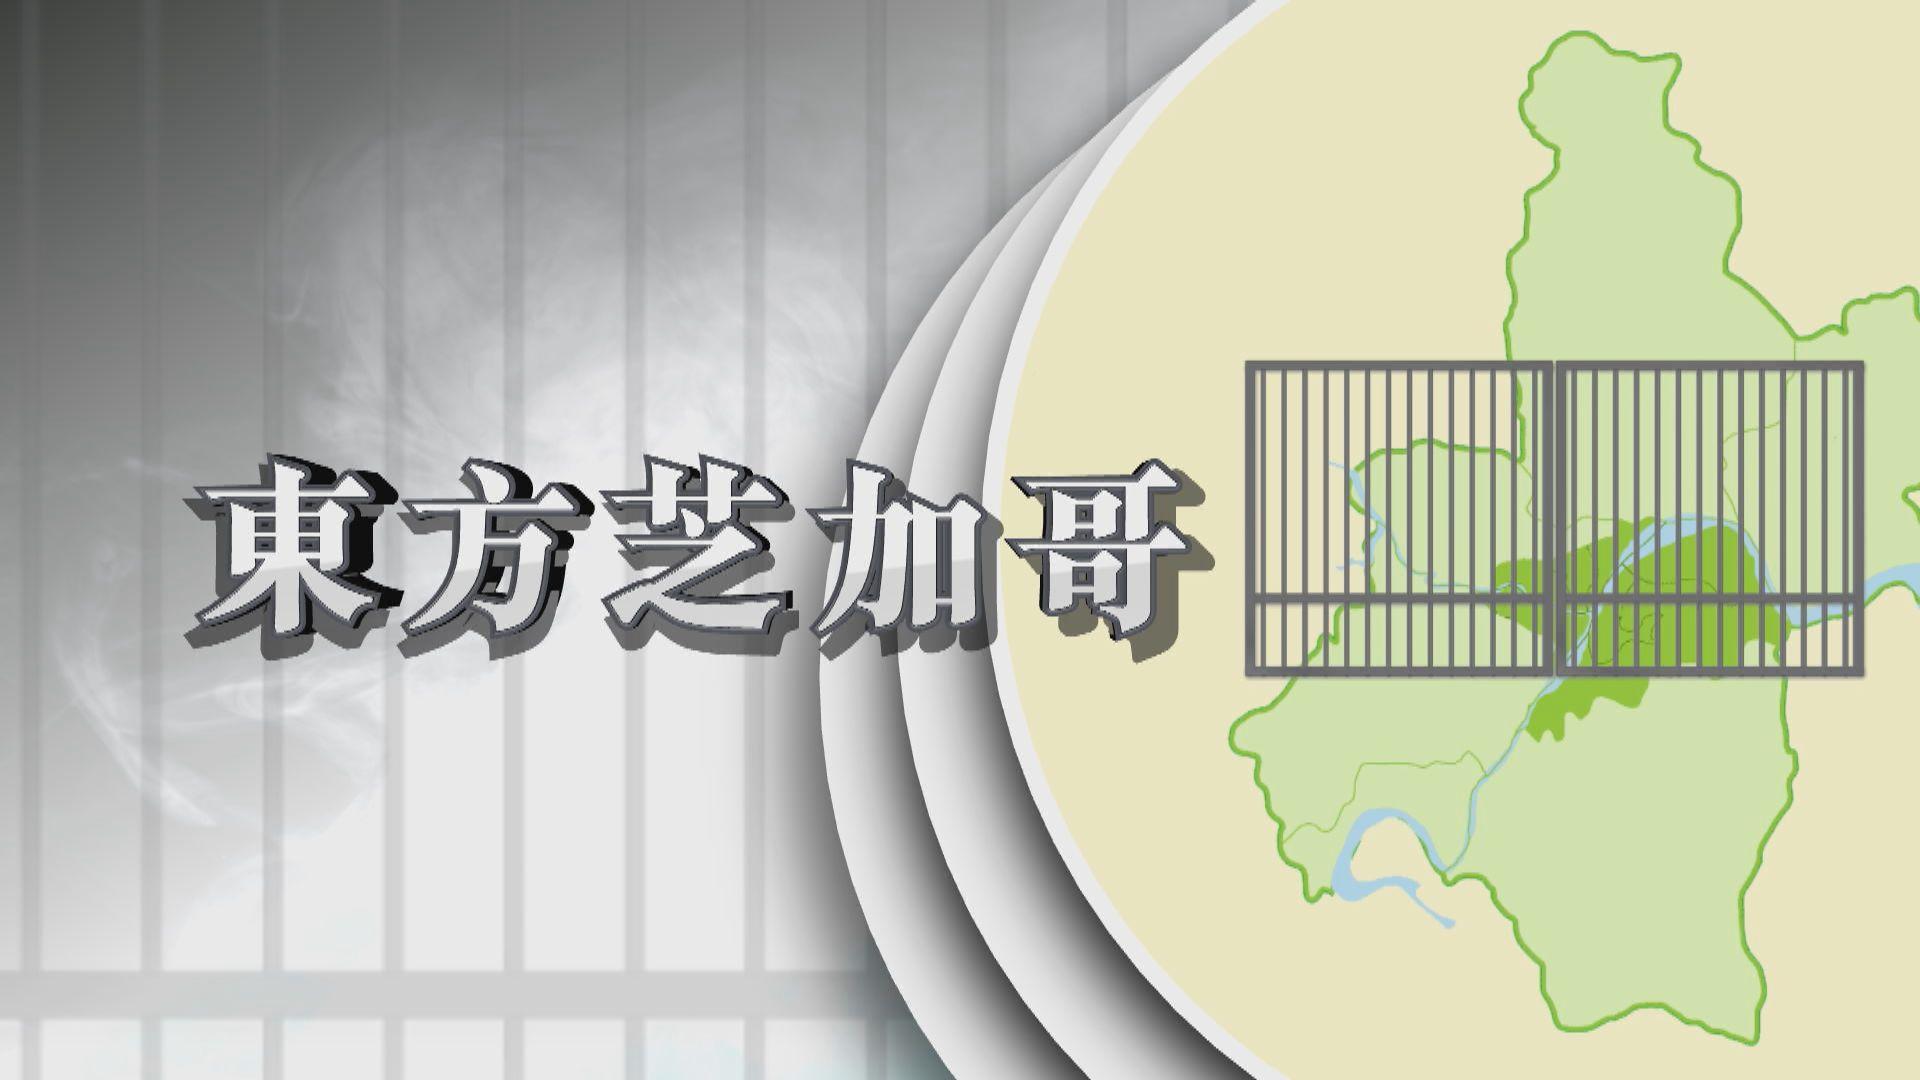 【新聞智庫】武漢封城連鎖影響大